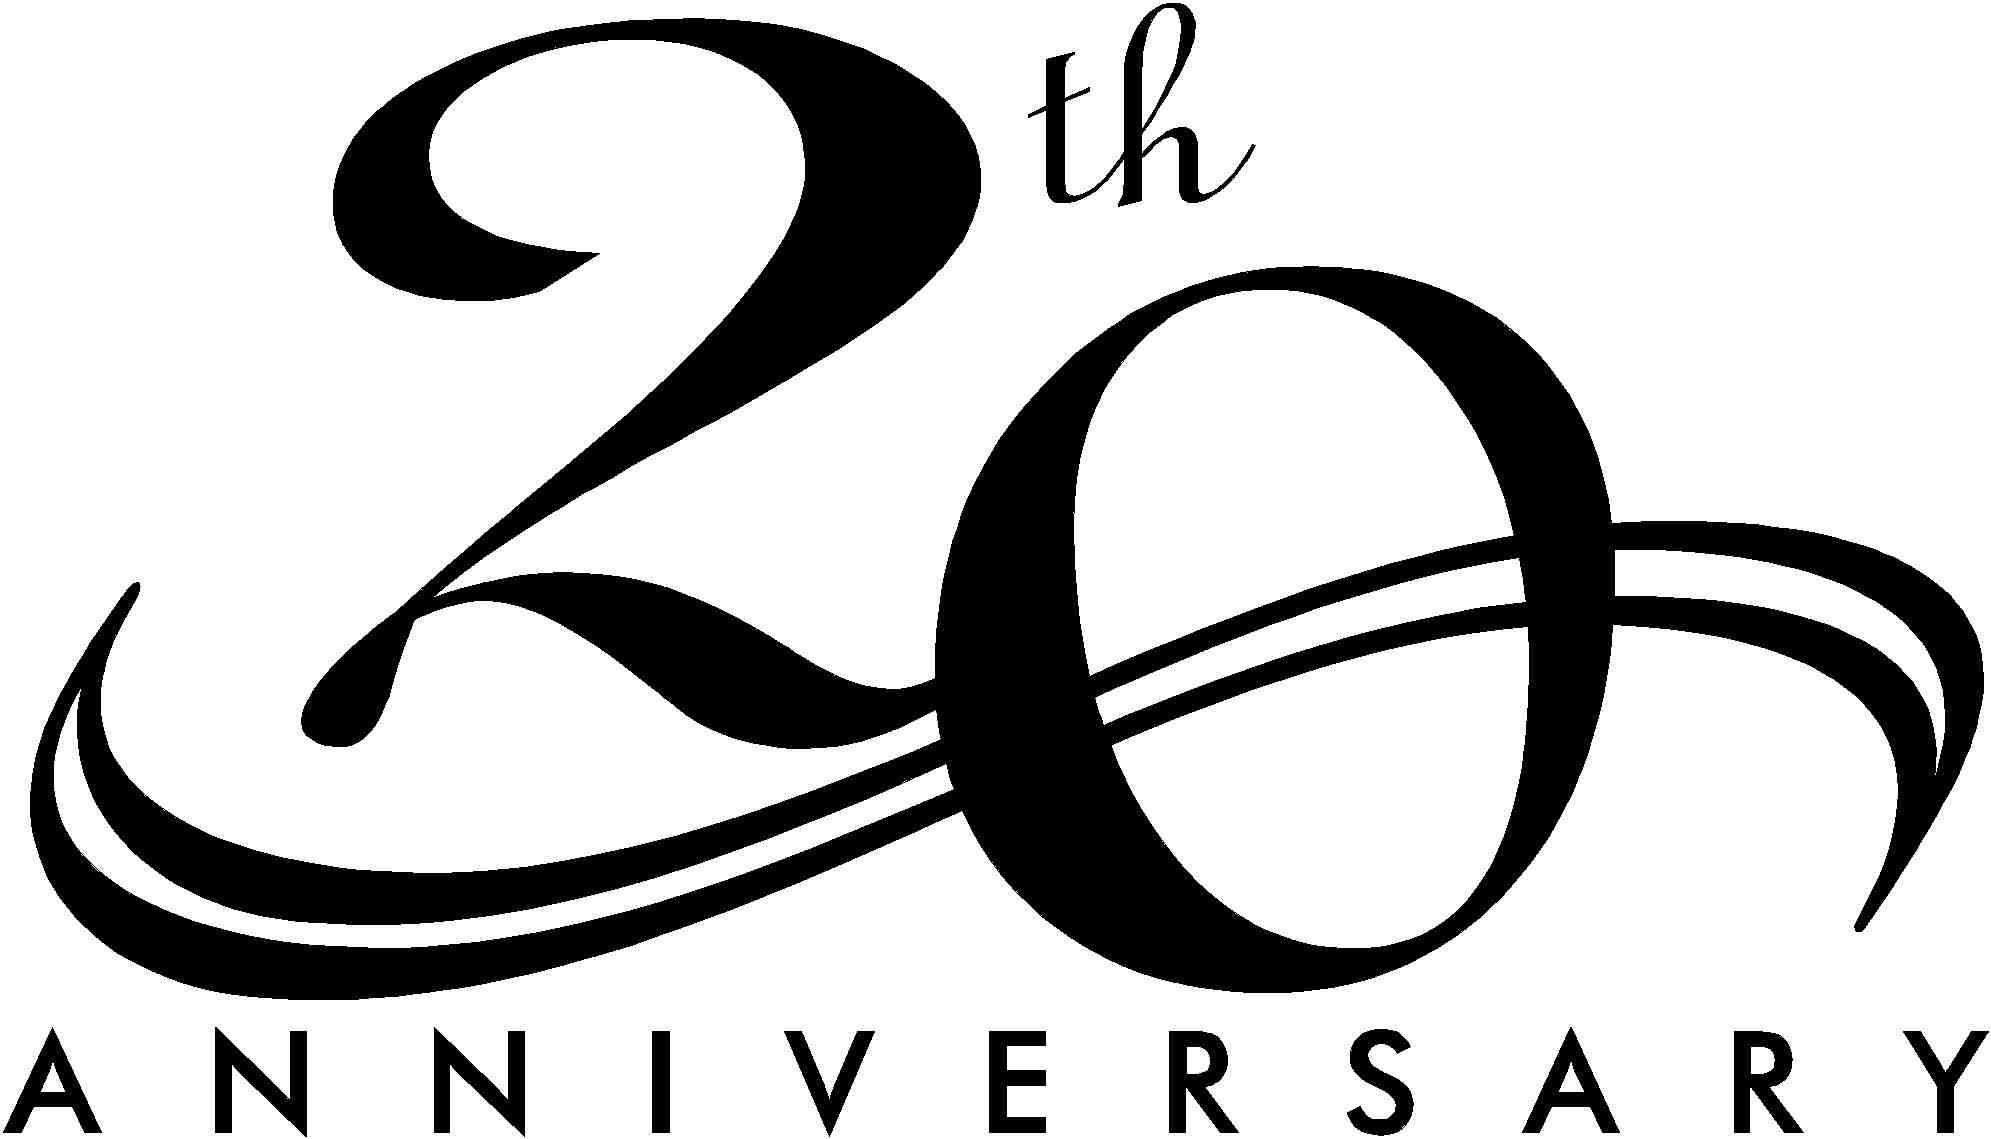 20 Year Anniversary Clipart.